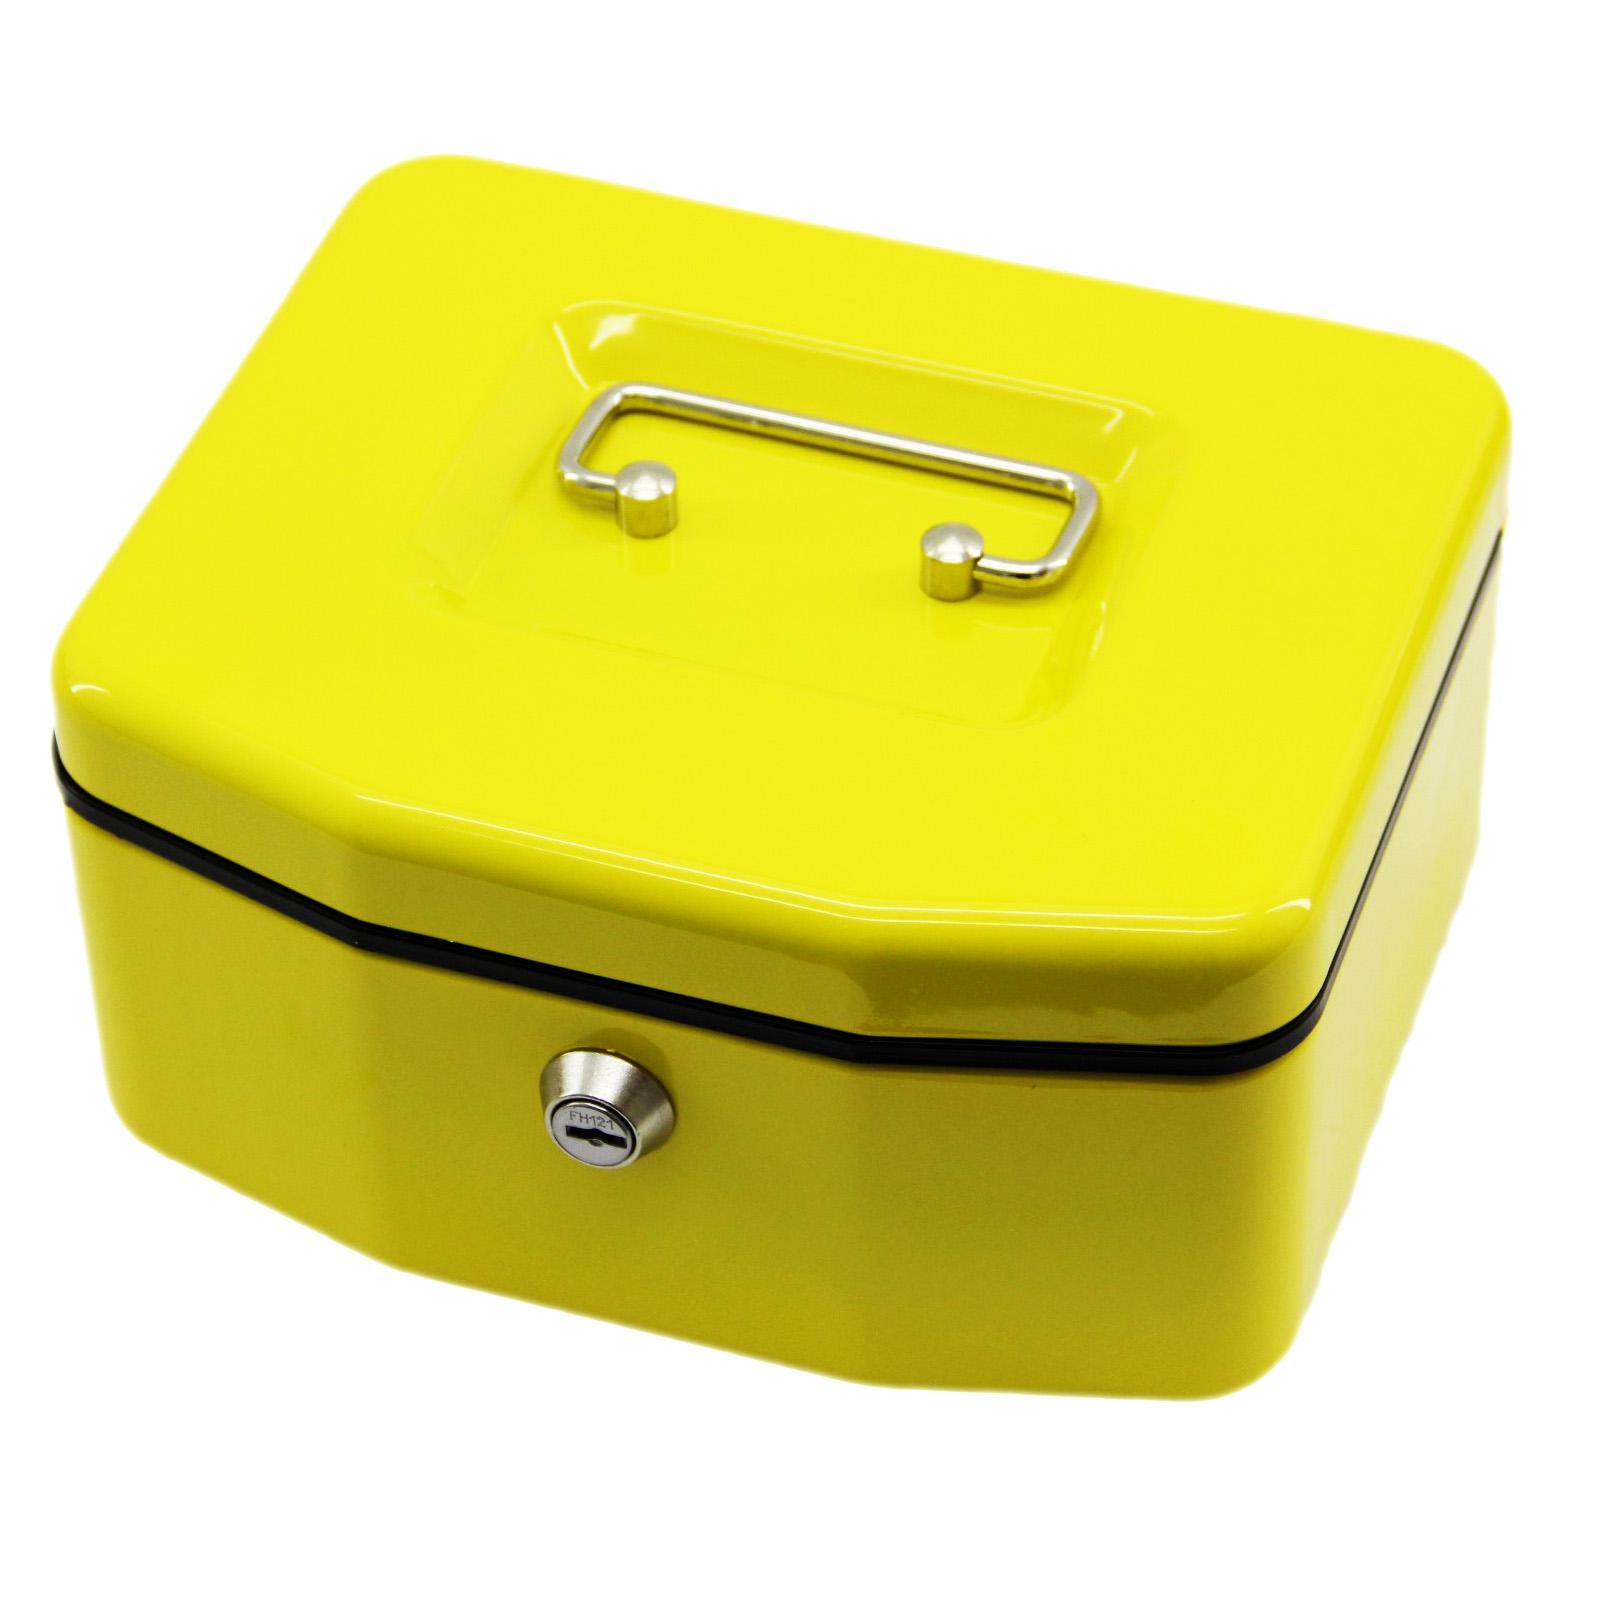 Wesco Geldkassette Geldkasse Geldbox Münzkassette 8 Münzfächer Stahlblech